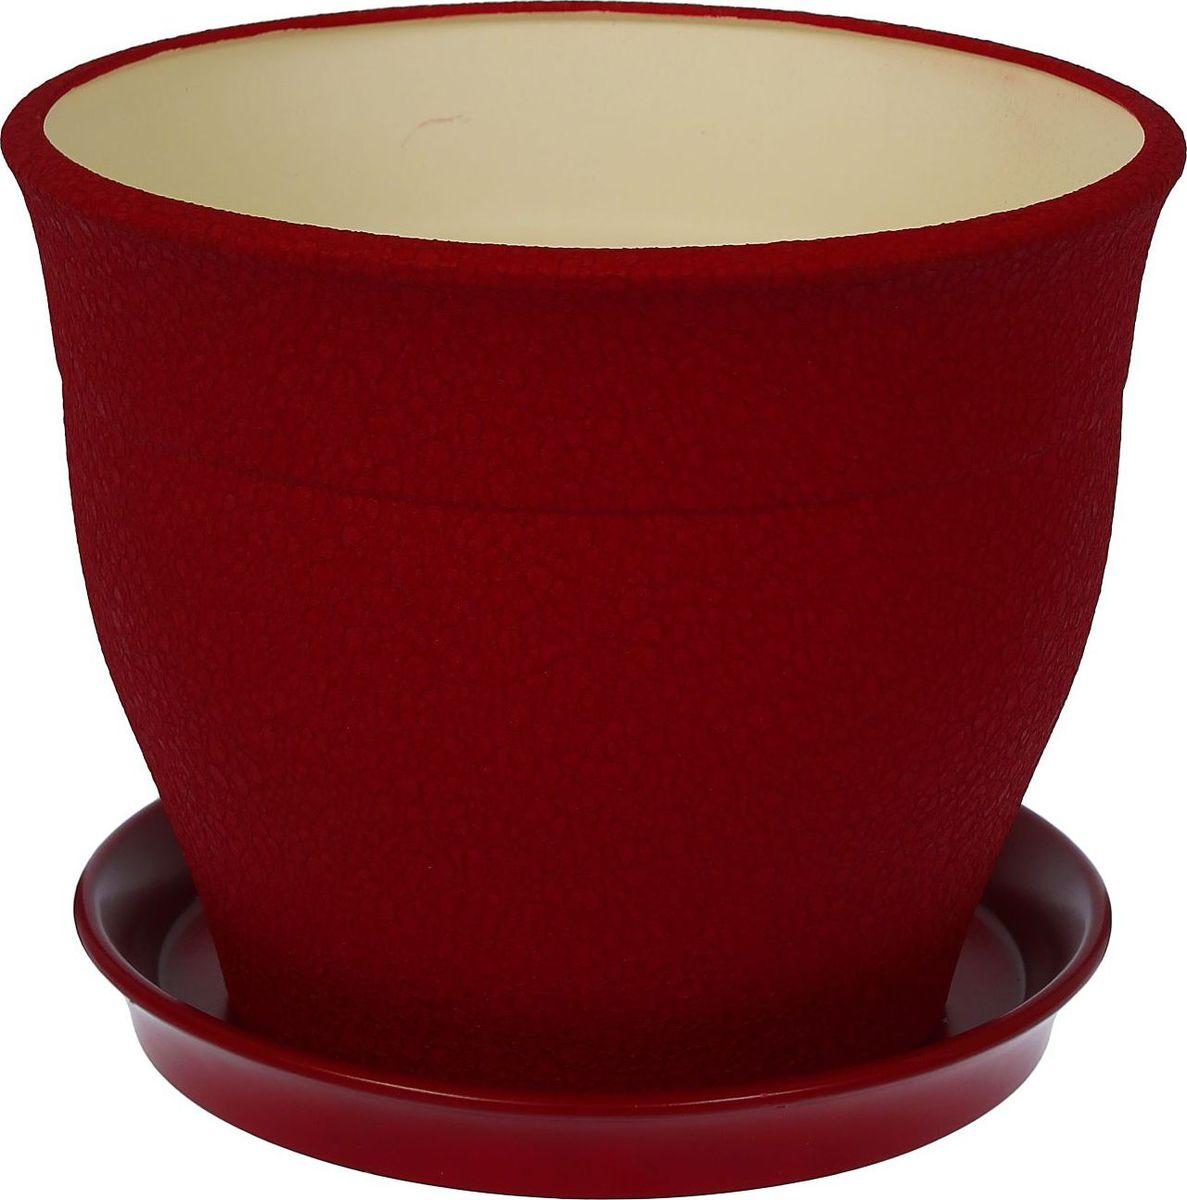 Кашпо Керамика ручной работы Флорис, цвет: бордовый, 12,3 л